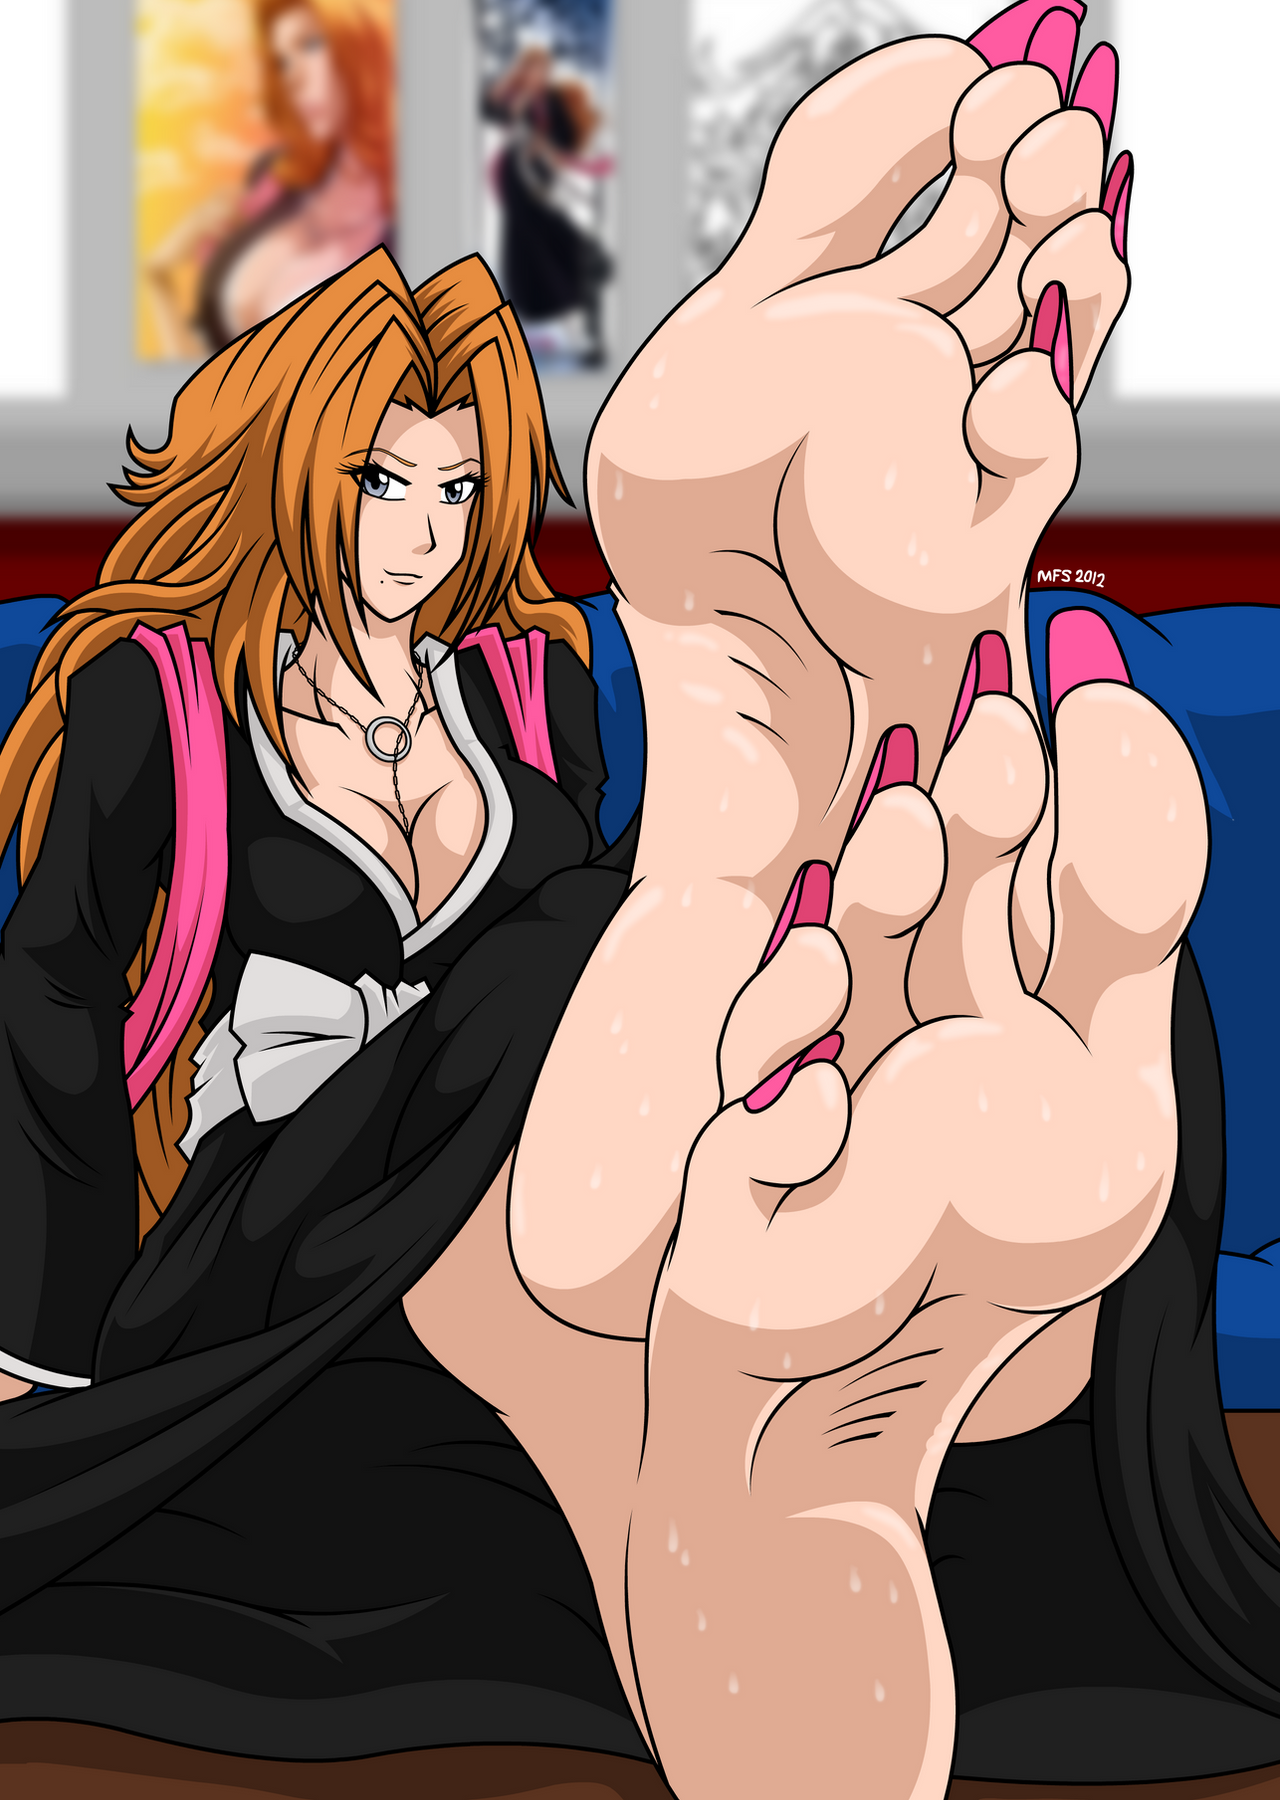 Doubt bleach hentai feet pretty face